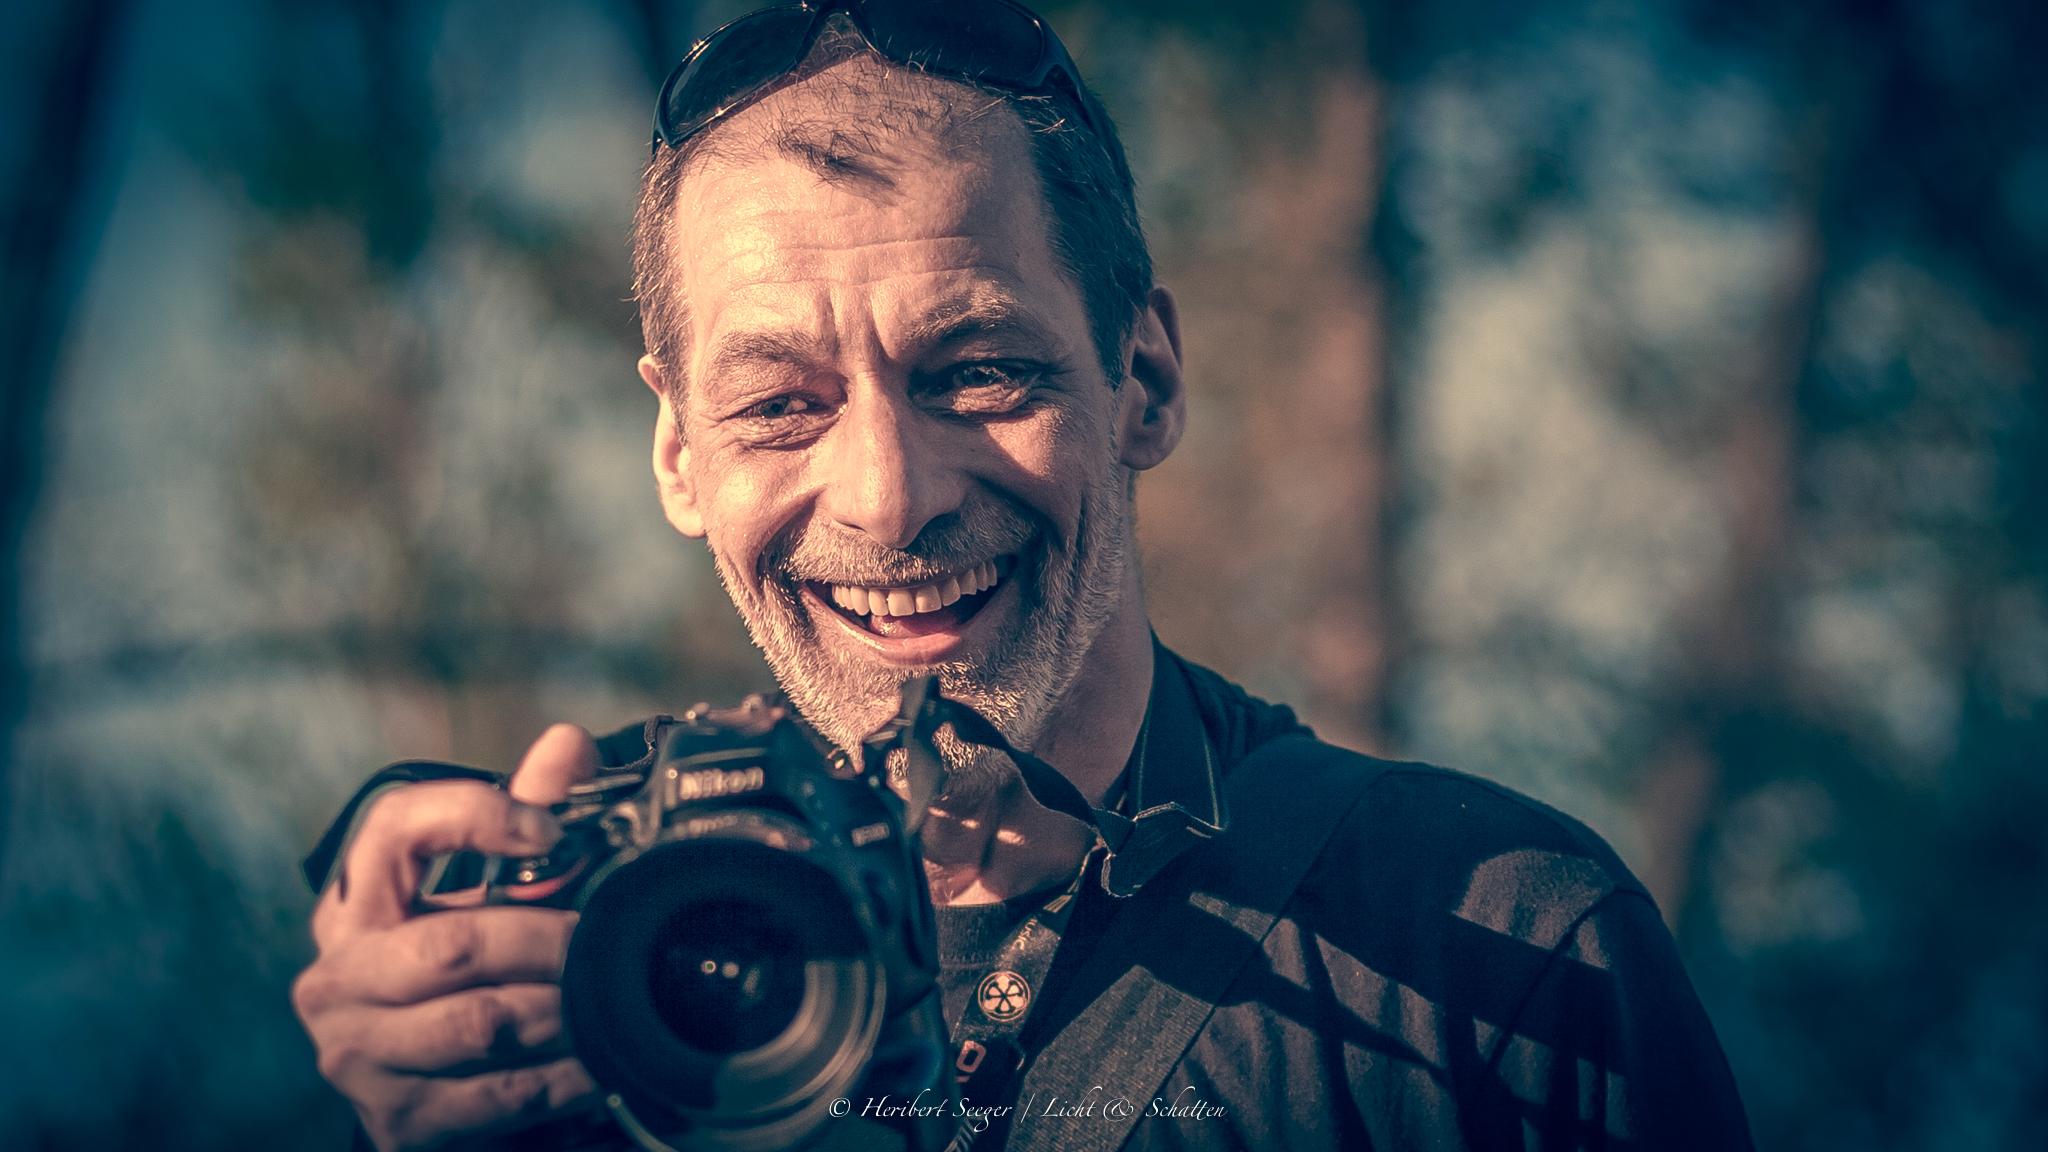 Obituary: Udo Herzog